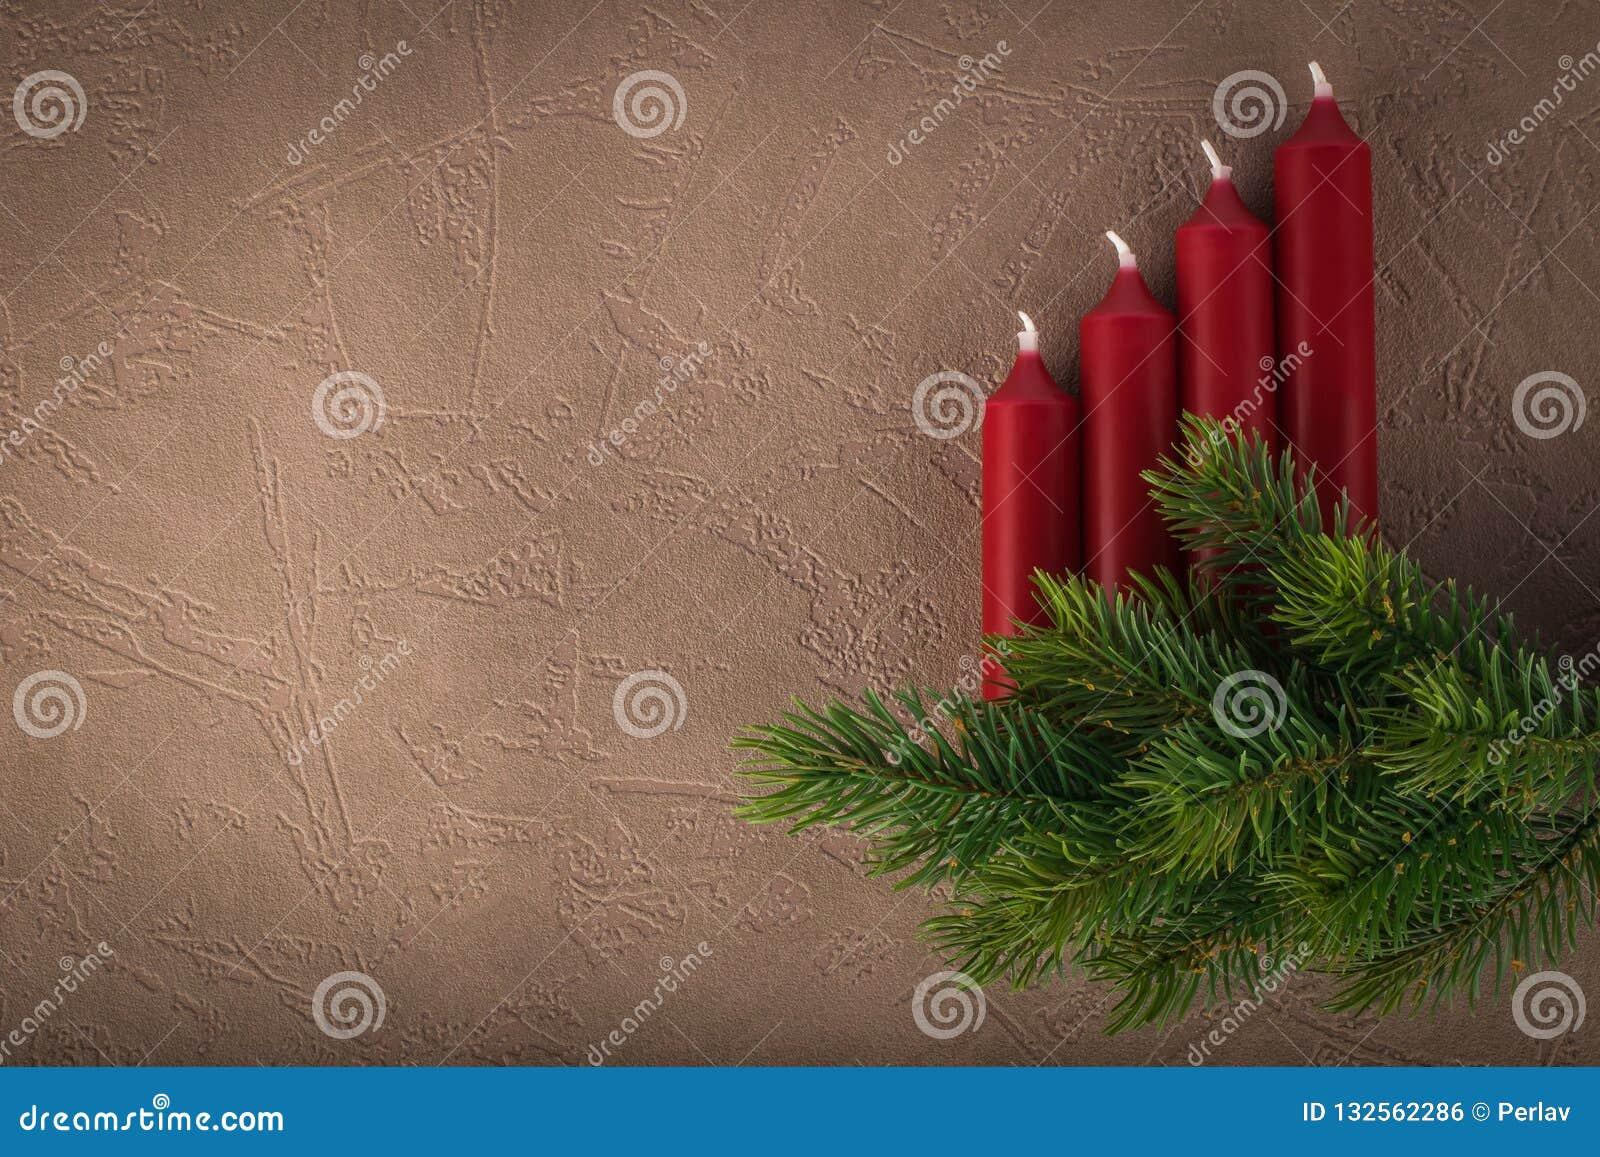 Branche D Arbre Sapin De Noel branche d'arbre de sapin de noël avec des bougies photo